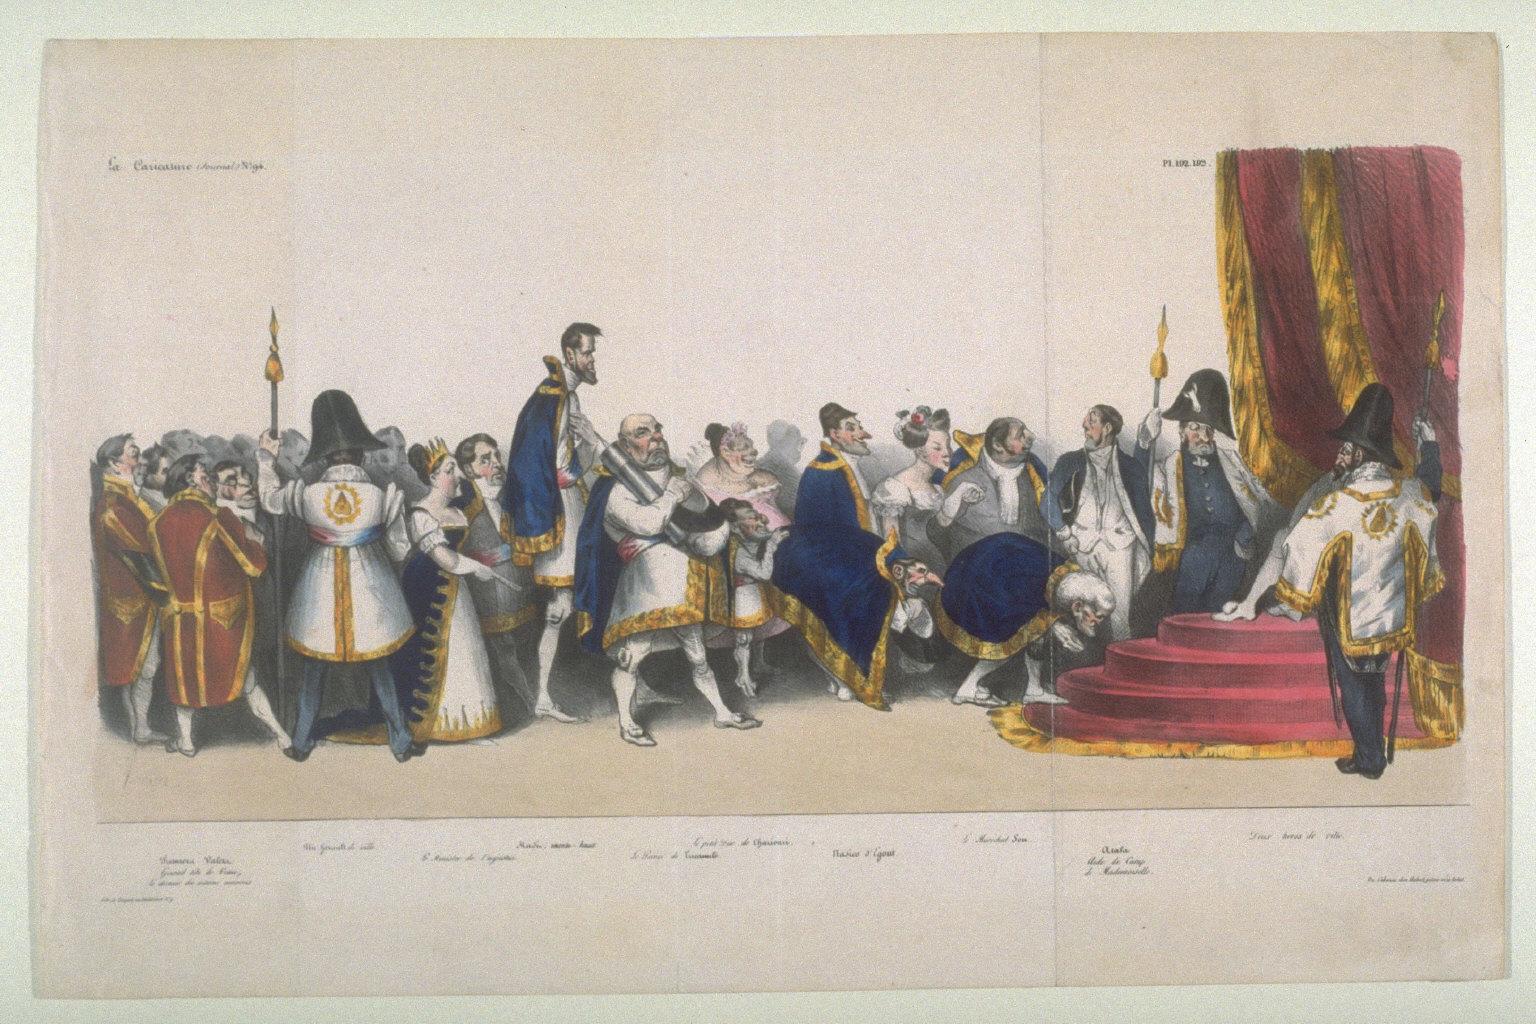 La cour du roi Petaud published in La Caricature, 23 August 1832